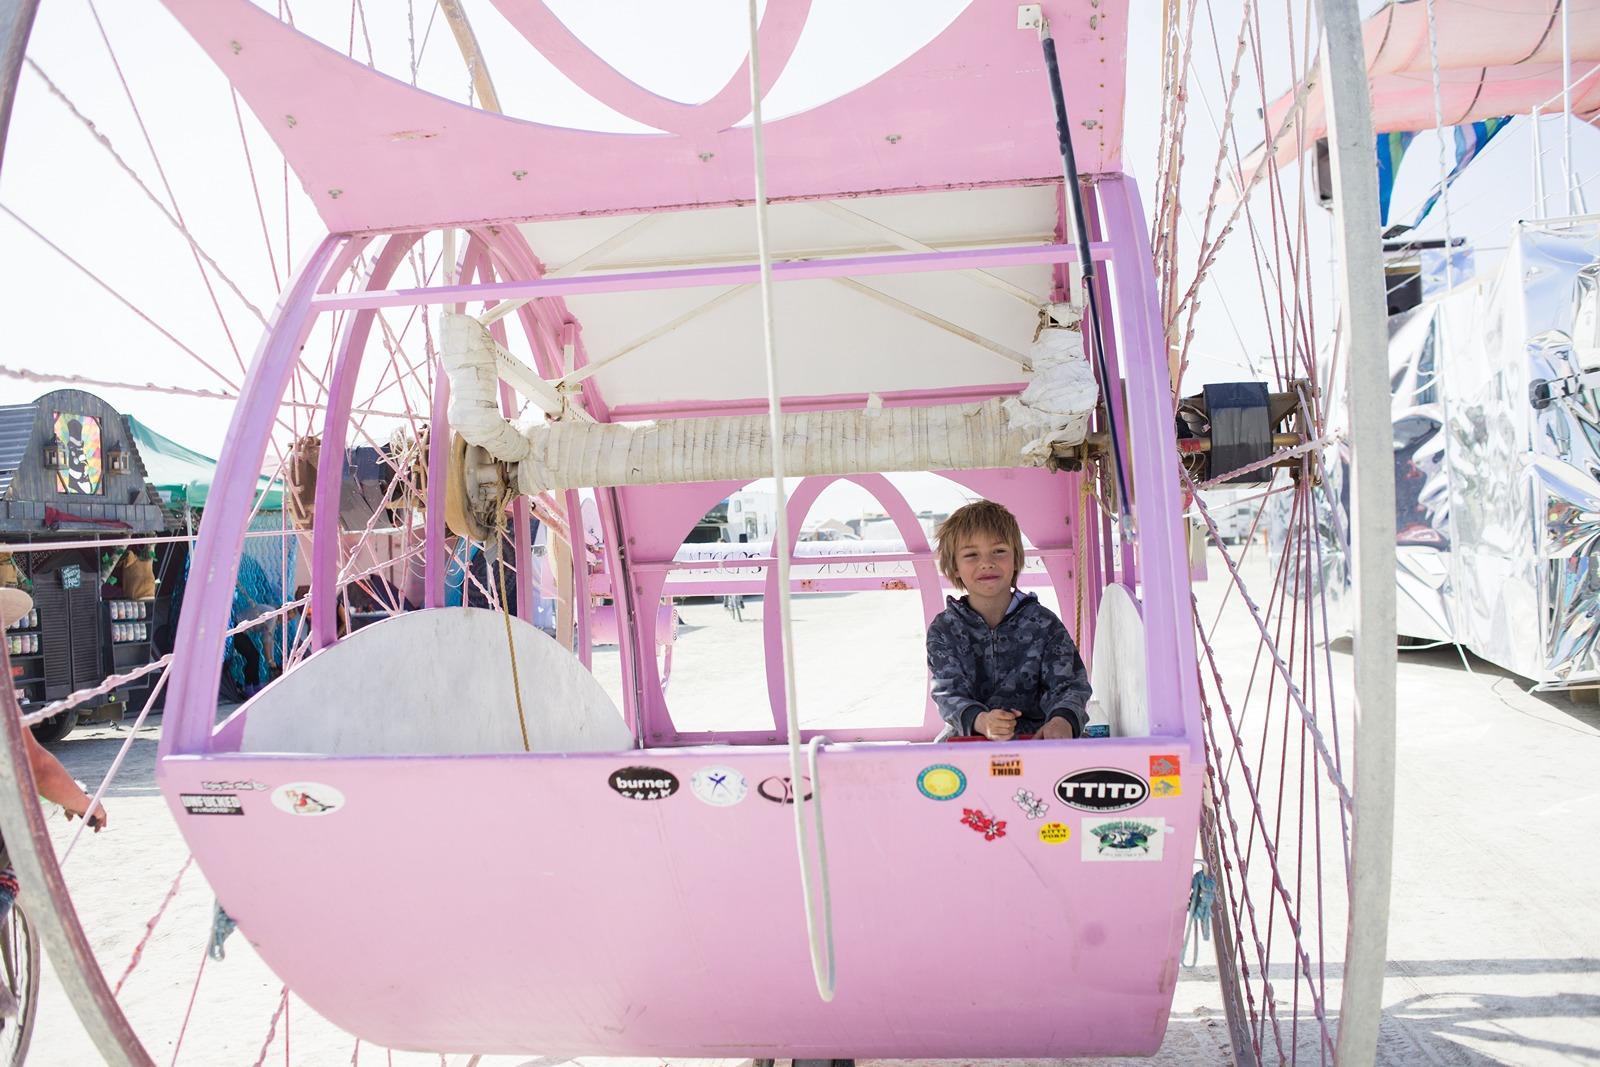 Burning Man - Young boy in big wheels art car